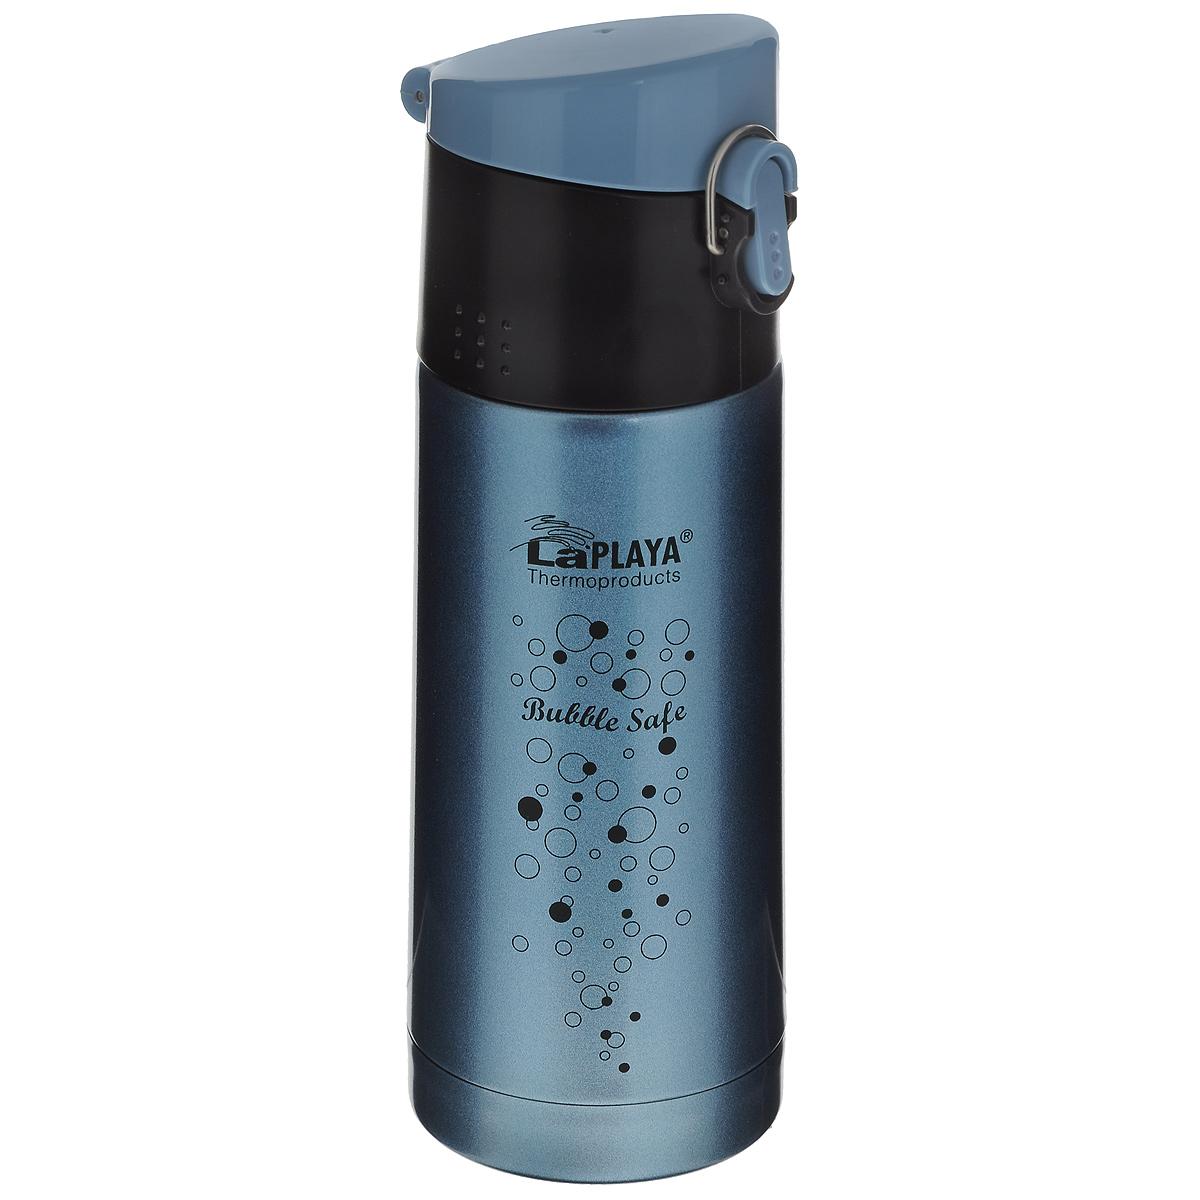 Термос LaPlaya Bubble Safe, цвет: голубой, 350 мл560067Термос с узким горлом LaPlaya Bubble Safe, изготовленный из высококачественной нержавеющей стали 18/8, является простым в использовании, экономичным и многофункциональным. Термос с двухстеночной вакуумной изоляцией, предназначенный для хранения горячих и холодных напитков (чая, кофе), сохраняет их до 6 часов горячими и холодными в течении 12 часов. Идеально подойдет для прохладительных газированных напитков. Герметичная и гигиеничная пробка-крышка открывается одной рукой. При открывании стопор предотвращает резкий выход газов и расплескивание напитков. Термос удобно размещать в большинстве автомобильных держателей. Легкий и прочный термос LaPlaya Bubble Safe сохранит ваши напитки горячими или холодными надолго. Высота: 20,5 см. Диаметр горлышка: 4,5 см.